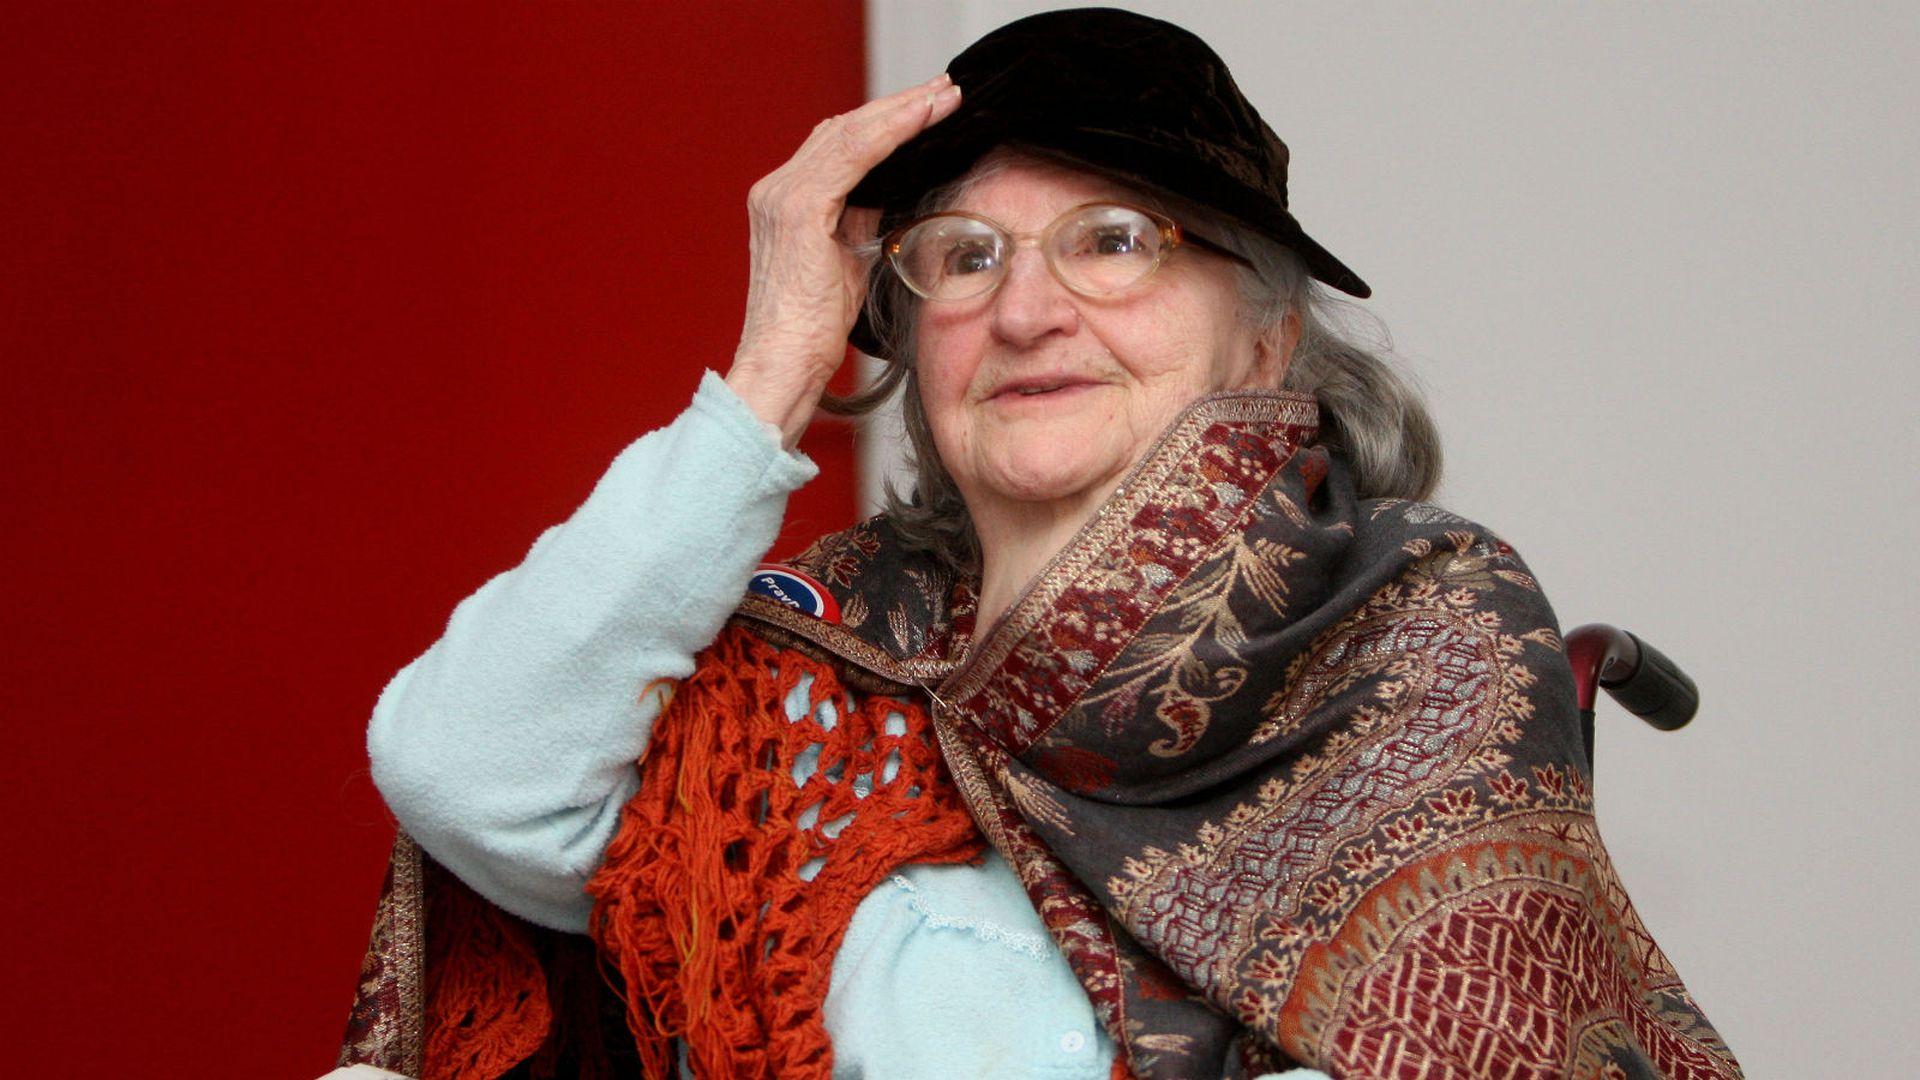 Vesna Parun: Snažna žena koja je do posljednjeg trena bez pardona bila svoja